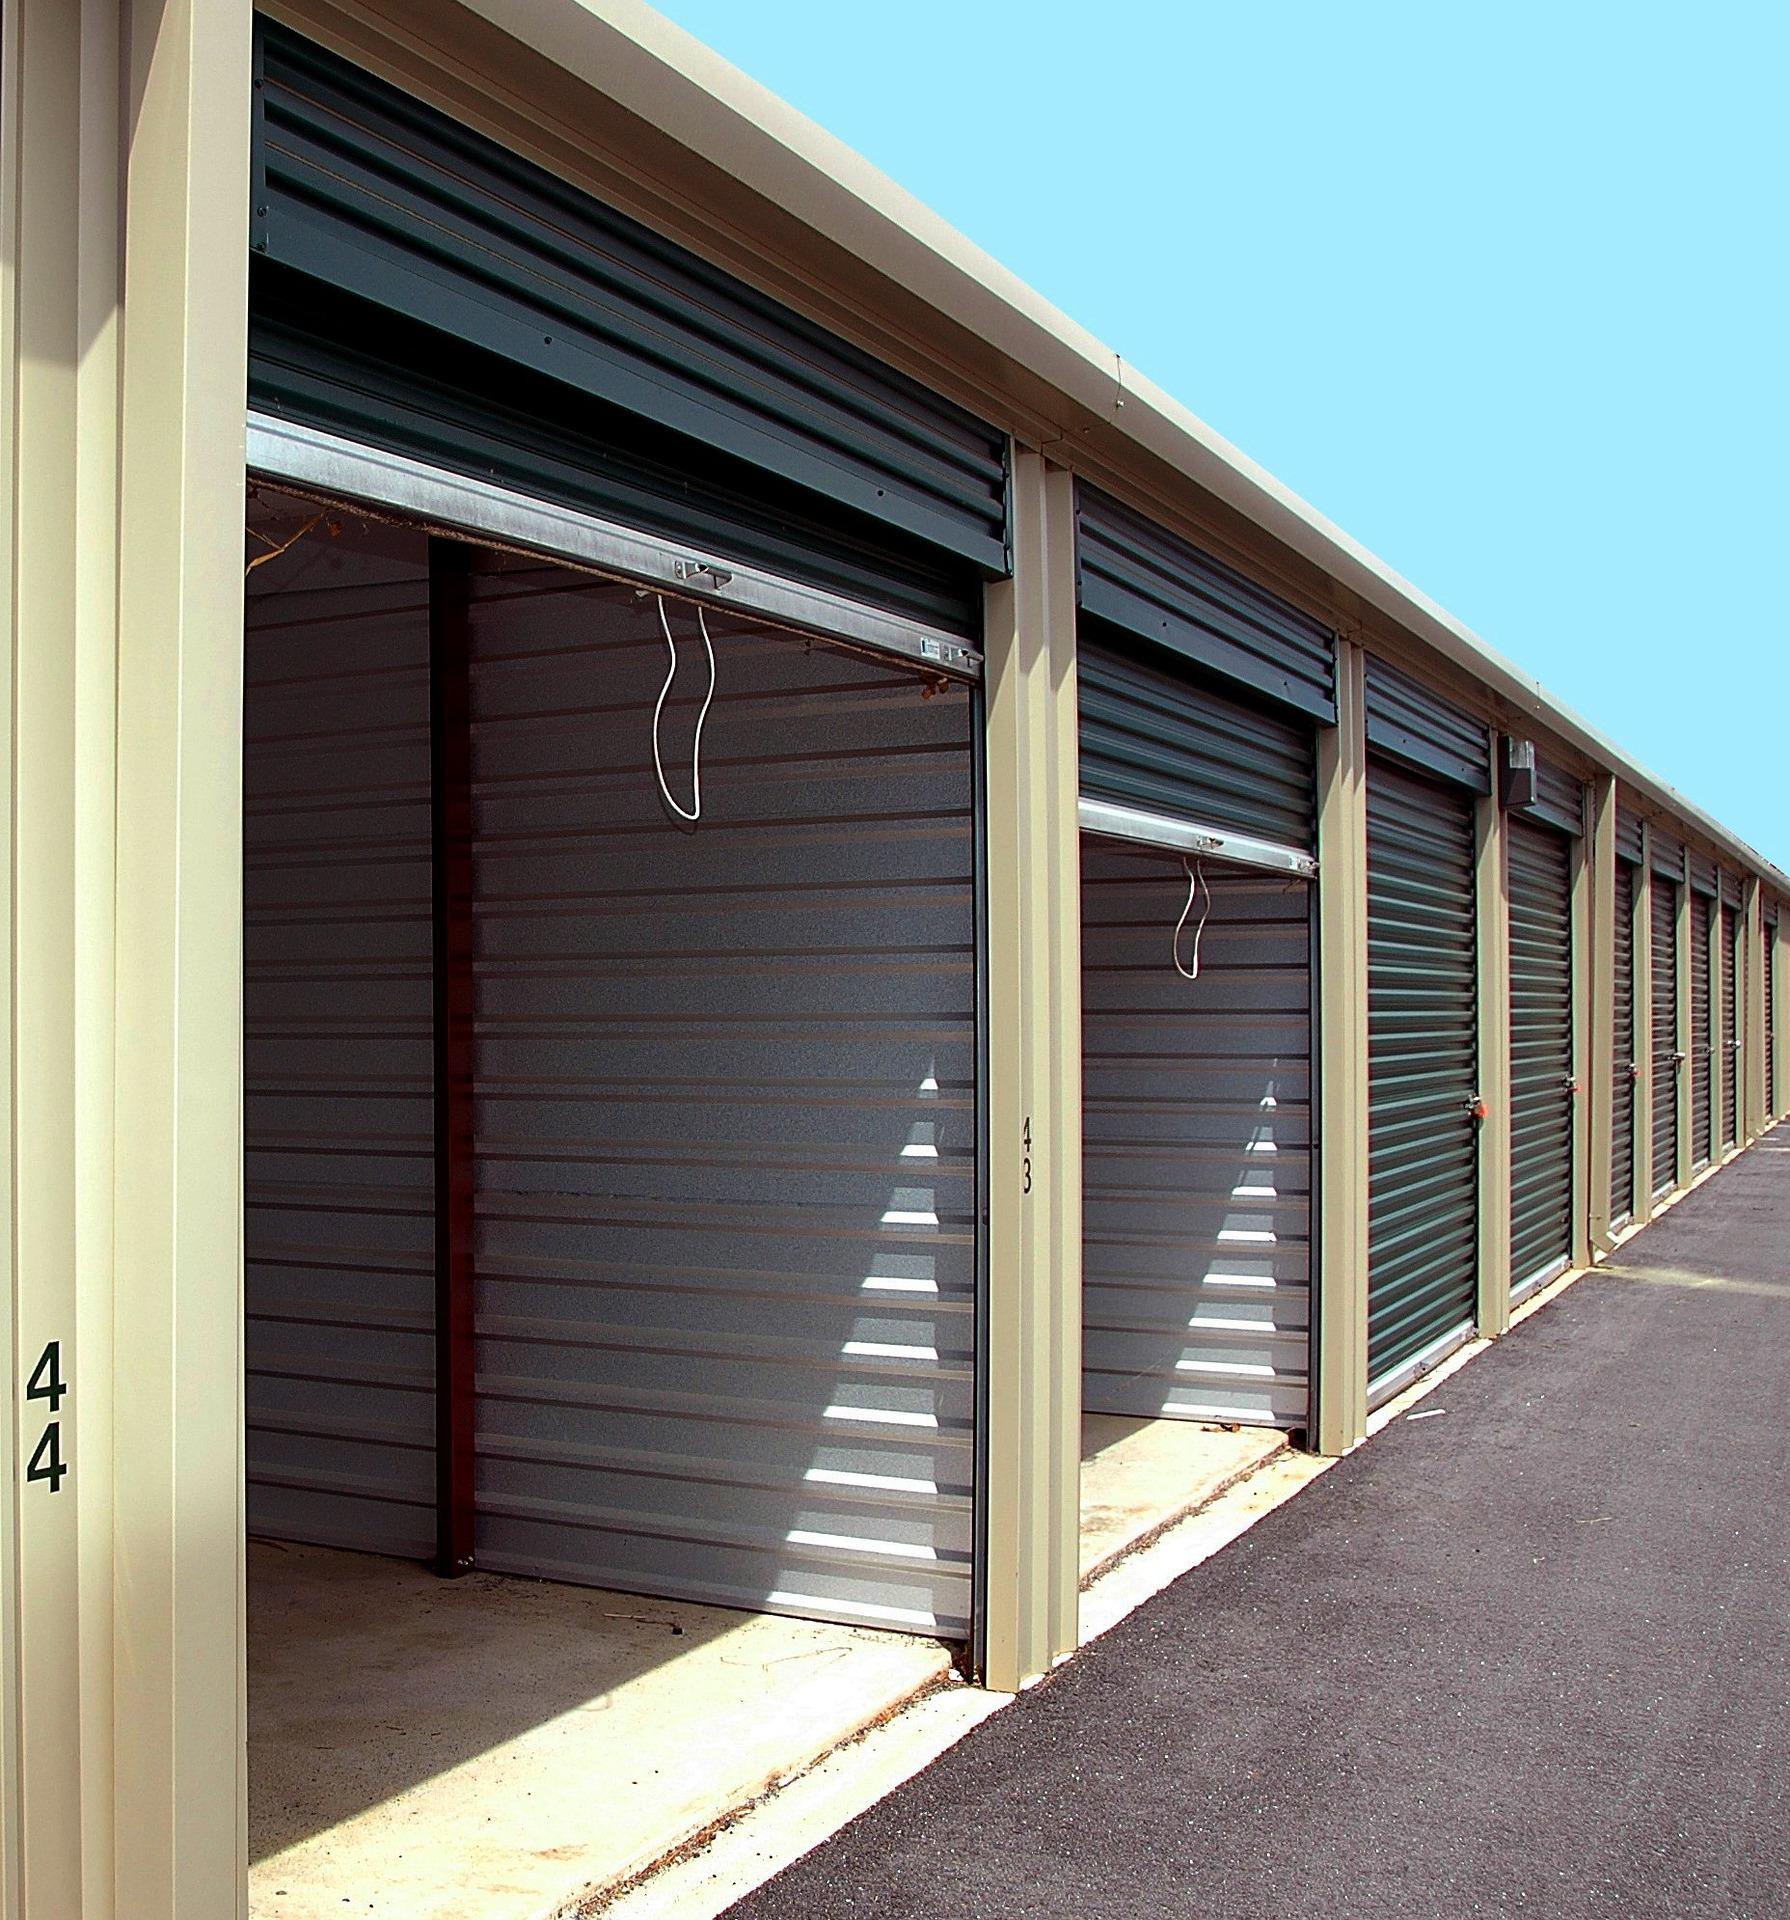 storage-warehouse-2089775_1920